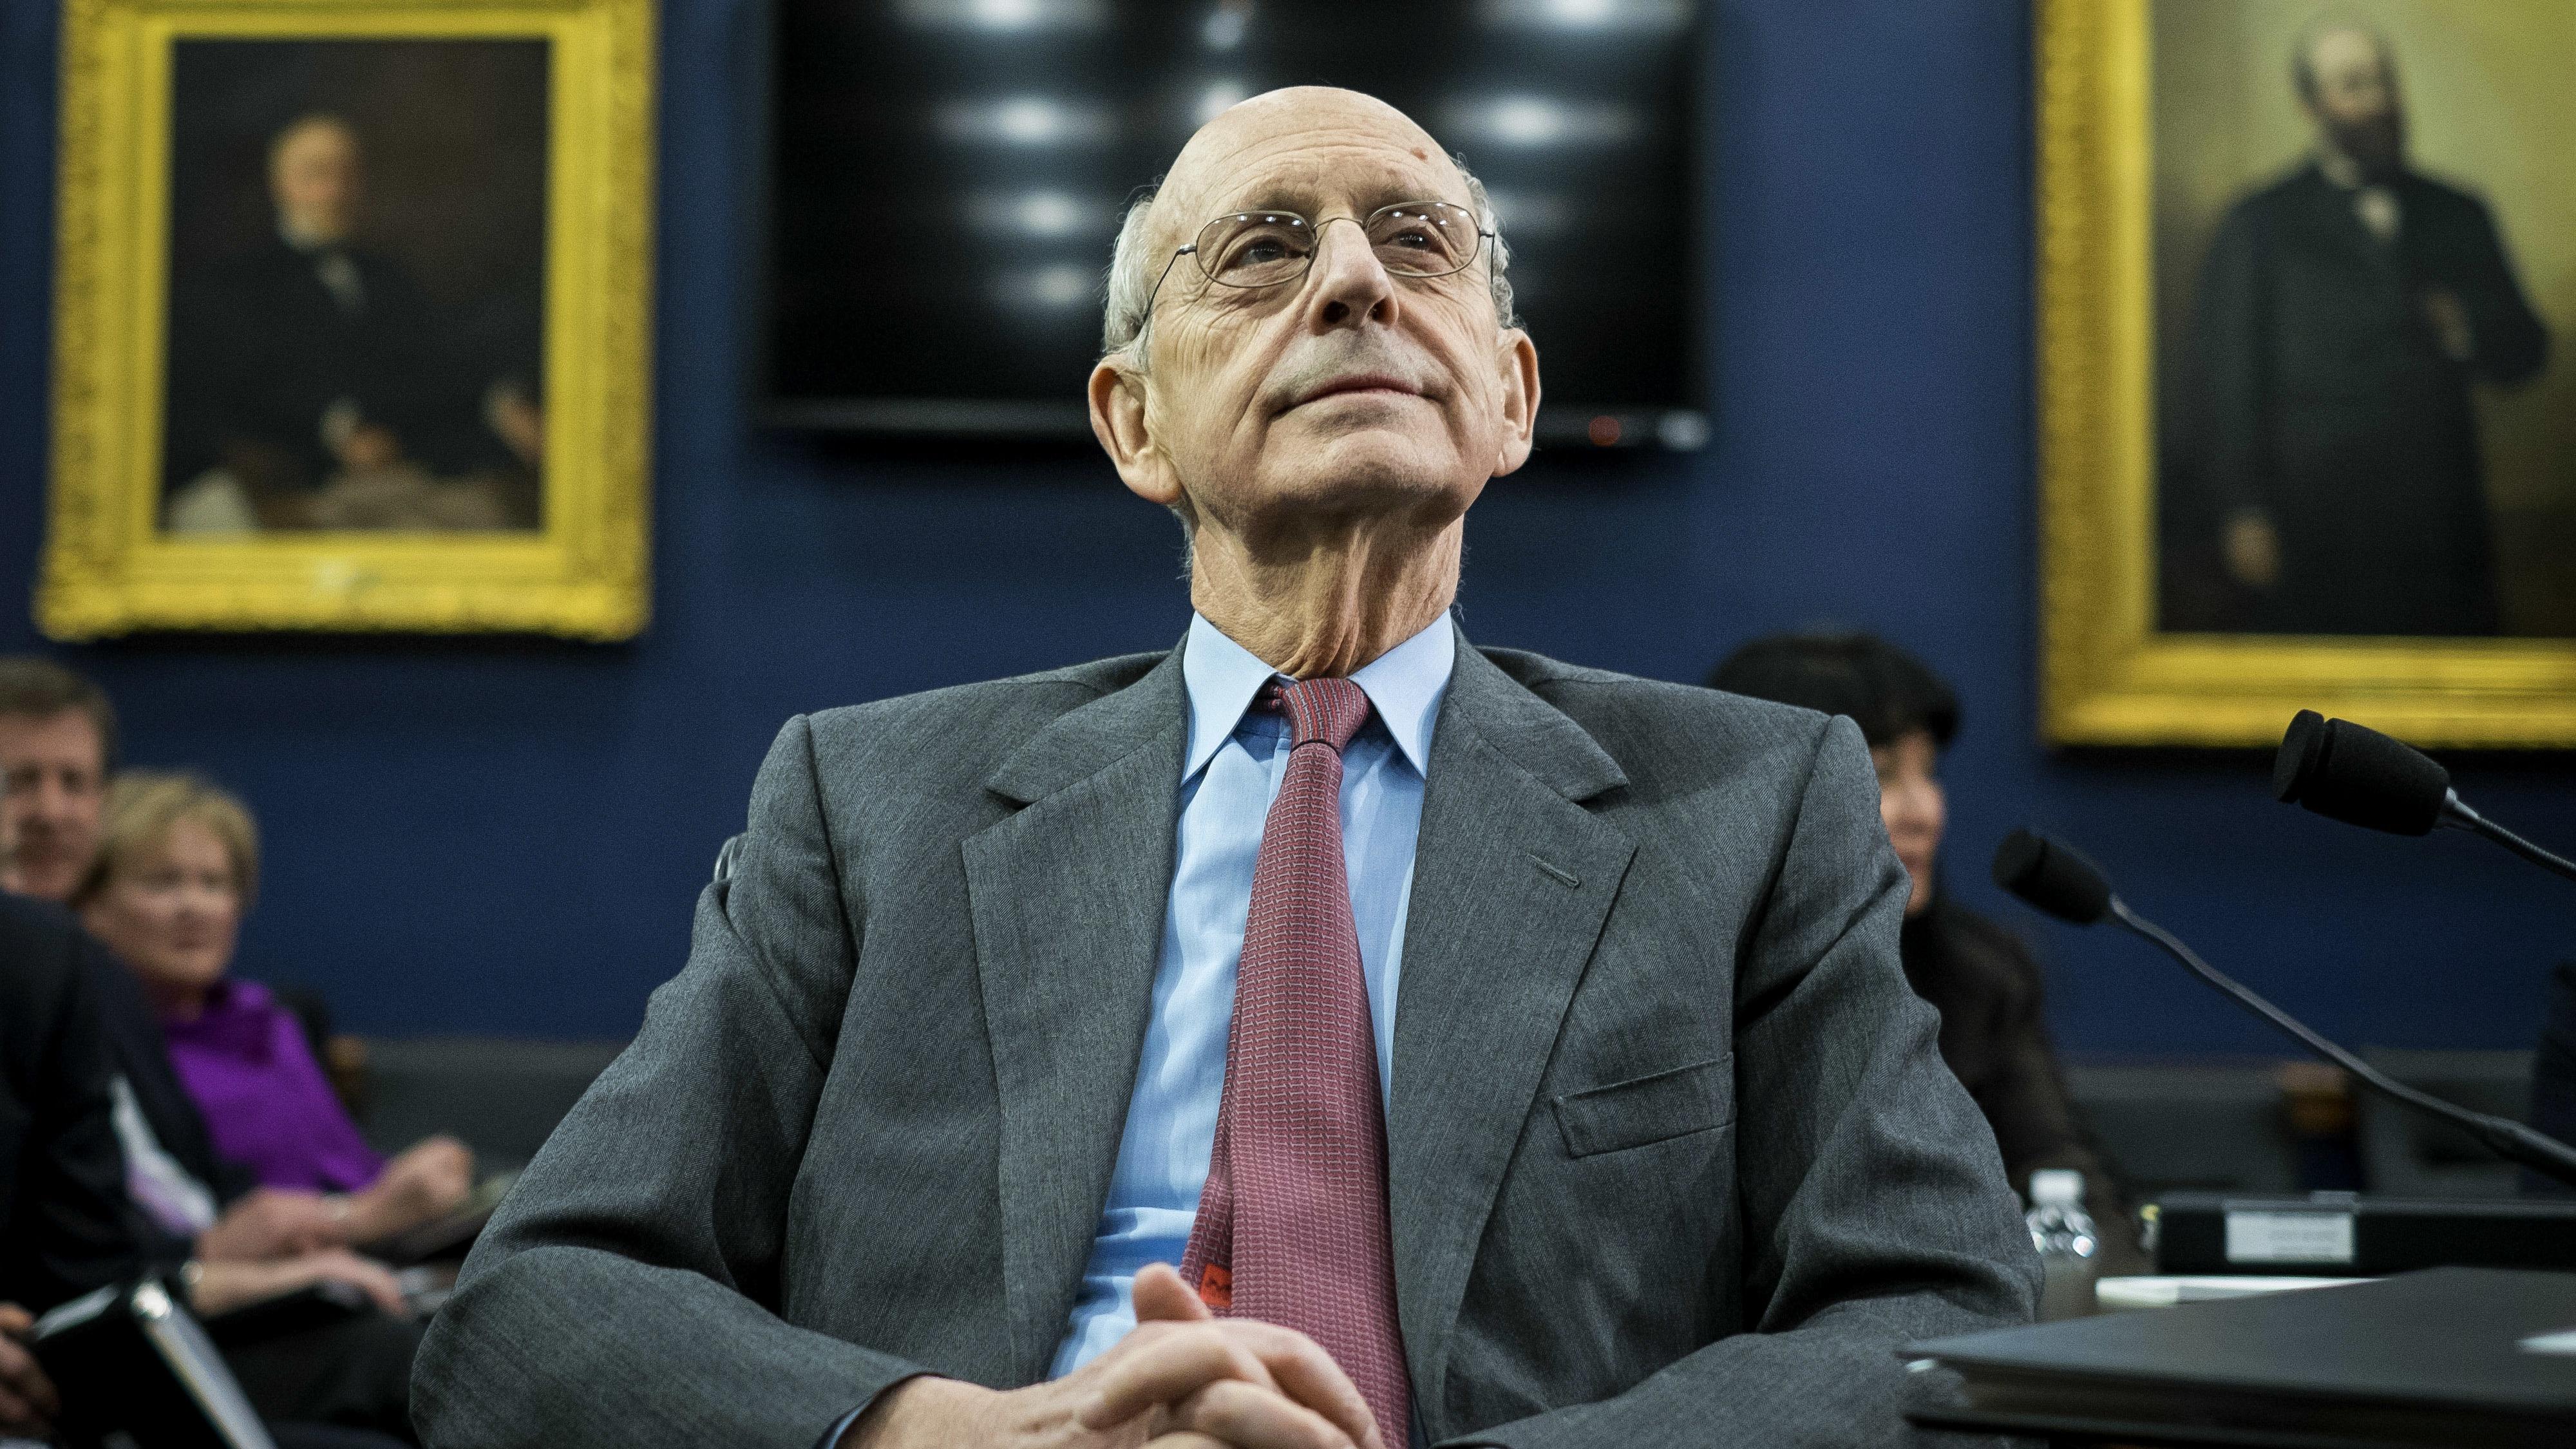 U.S. Supreme Court Justice Stephen Breyer in March 2015.